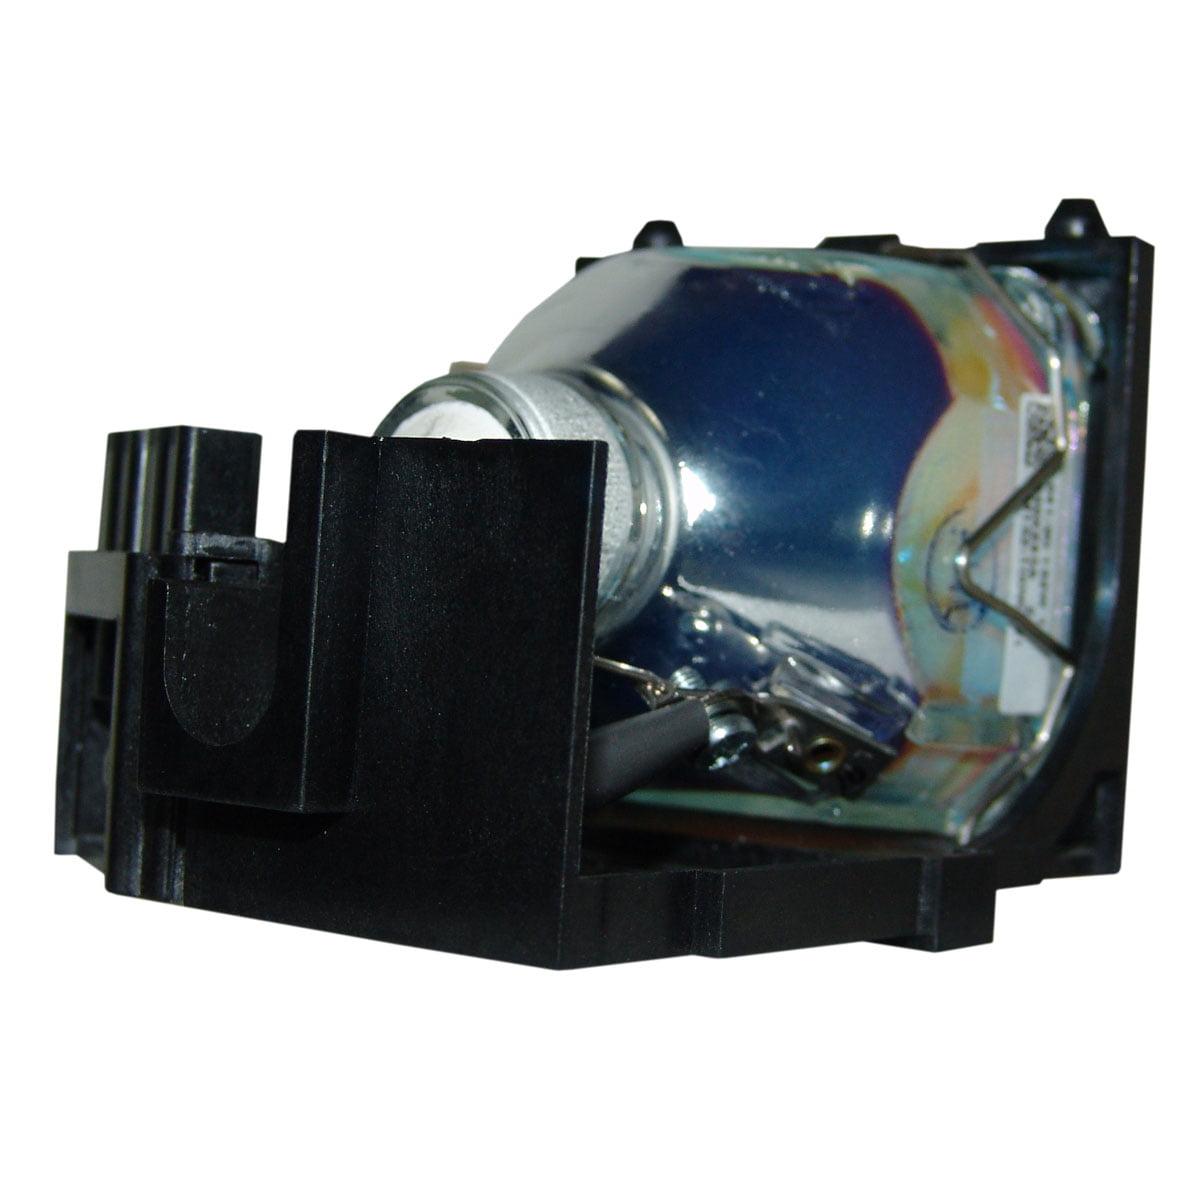 Lampe de rechange Philips originale avec bo�tier pour Projecteur Liesegang DV-425 - image 3 de 5